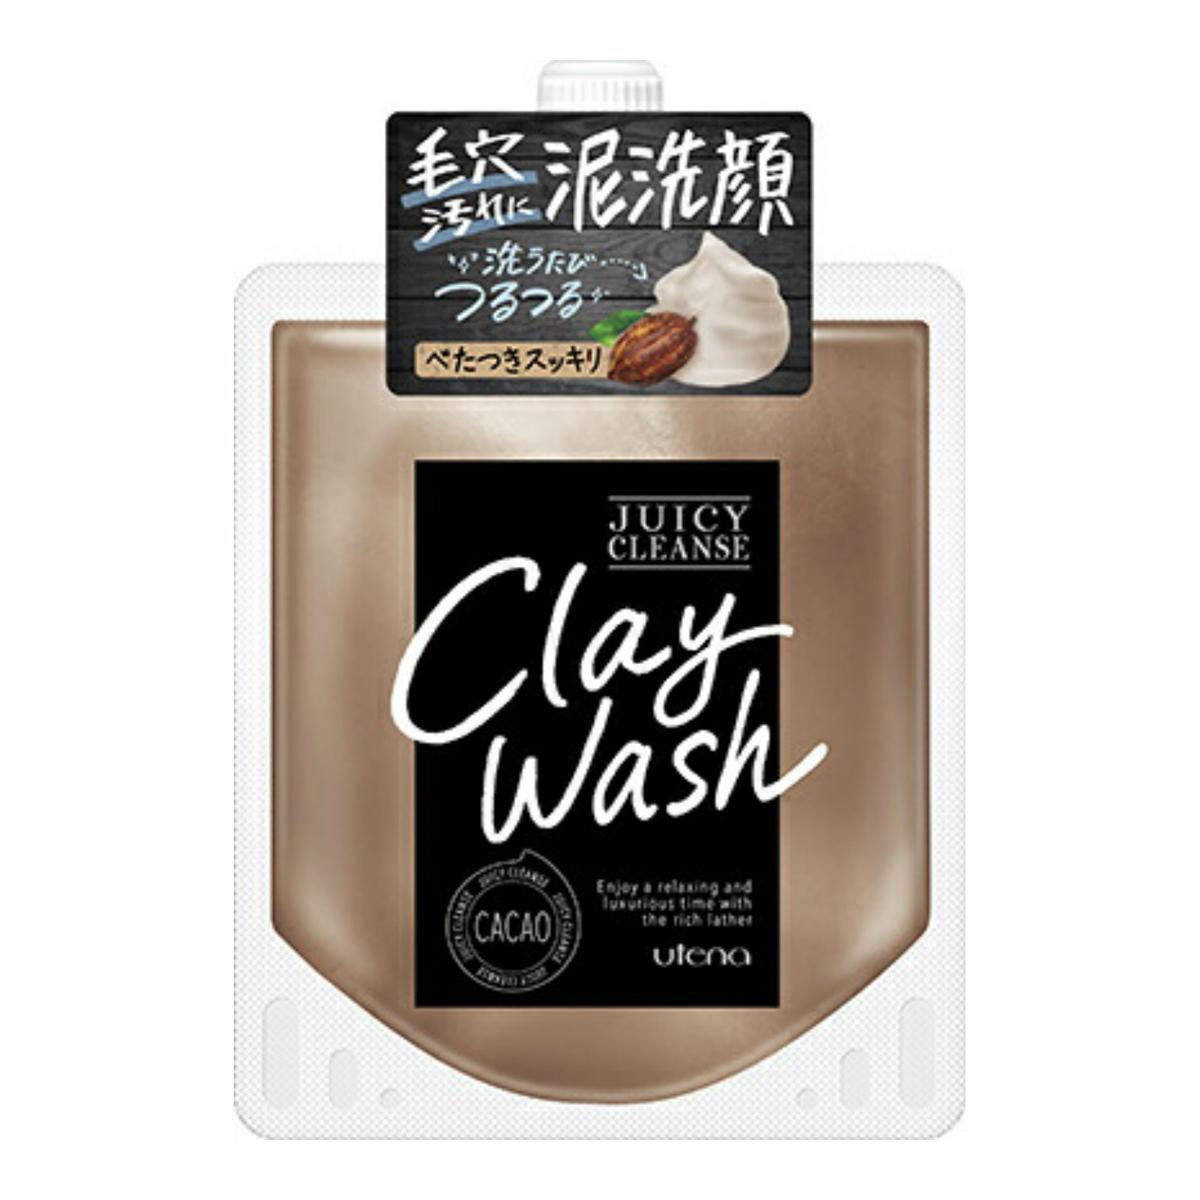 ウテナジューシィクレンズクレイウォッシュカカオ 110 g mud face-wash *036 point set (4901234392519)